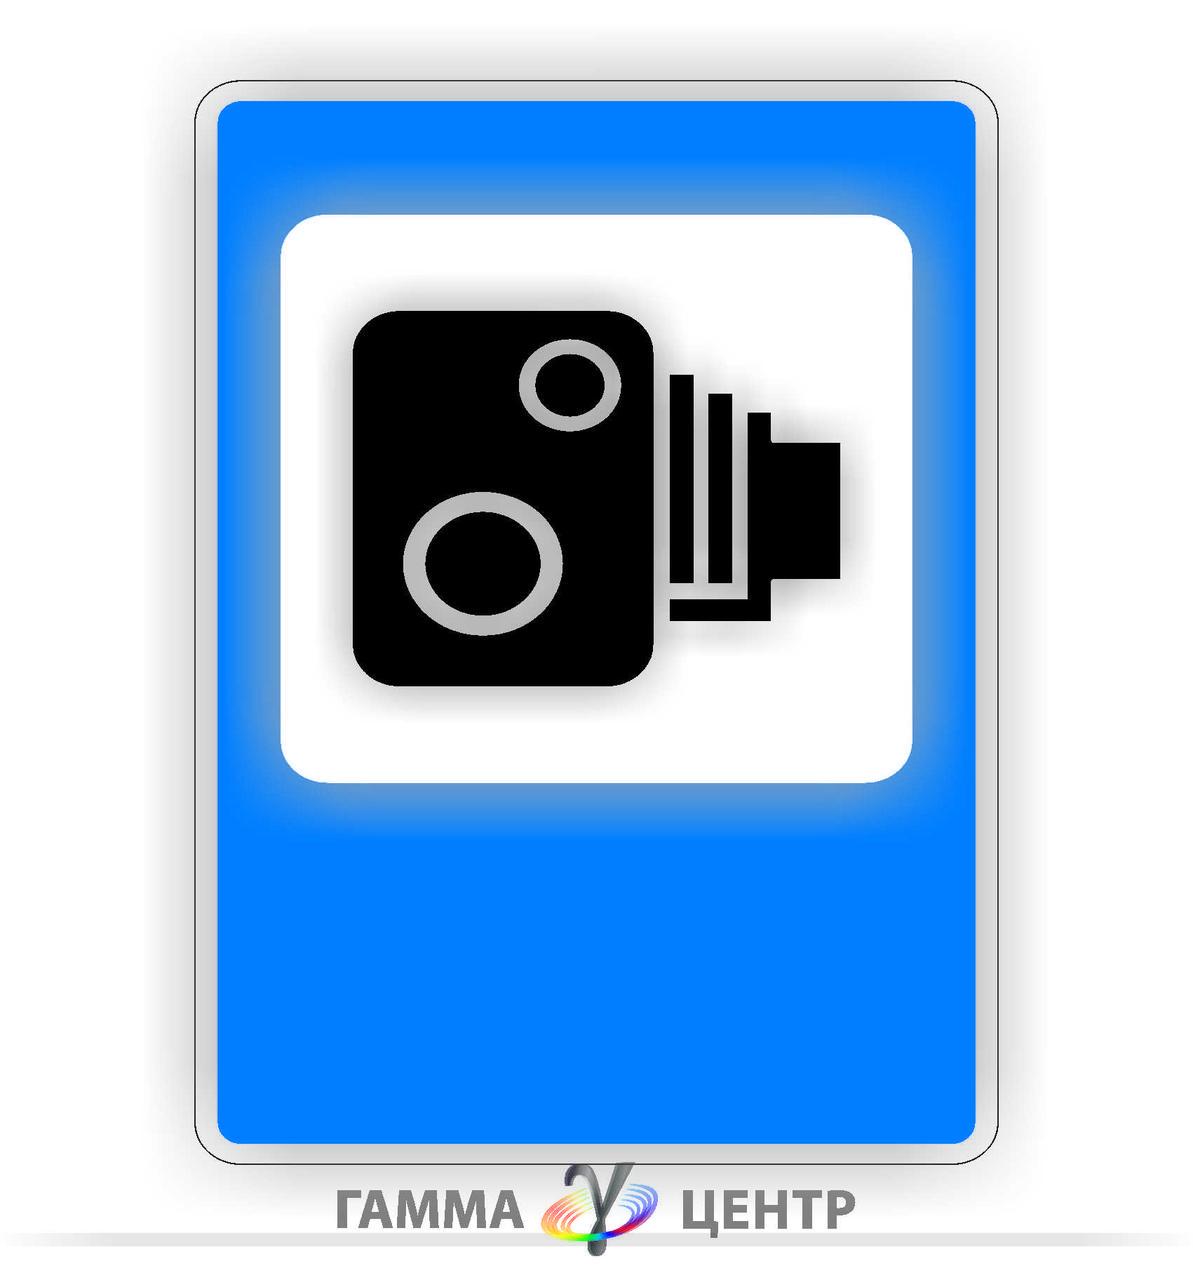 Дорожній знак 5.70 Фото-, відеофіксування порушень Правил дорожнього руху